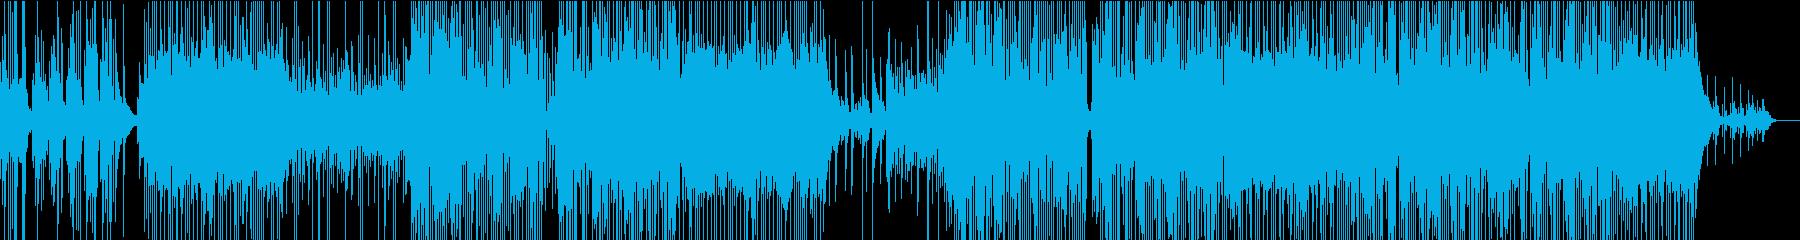 ピアノがメインのバラードポップスの再生済みの波形